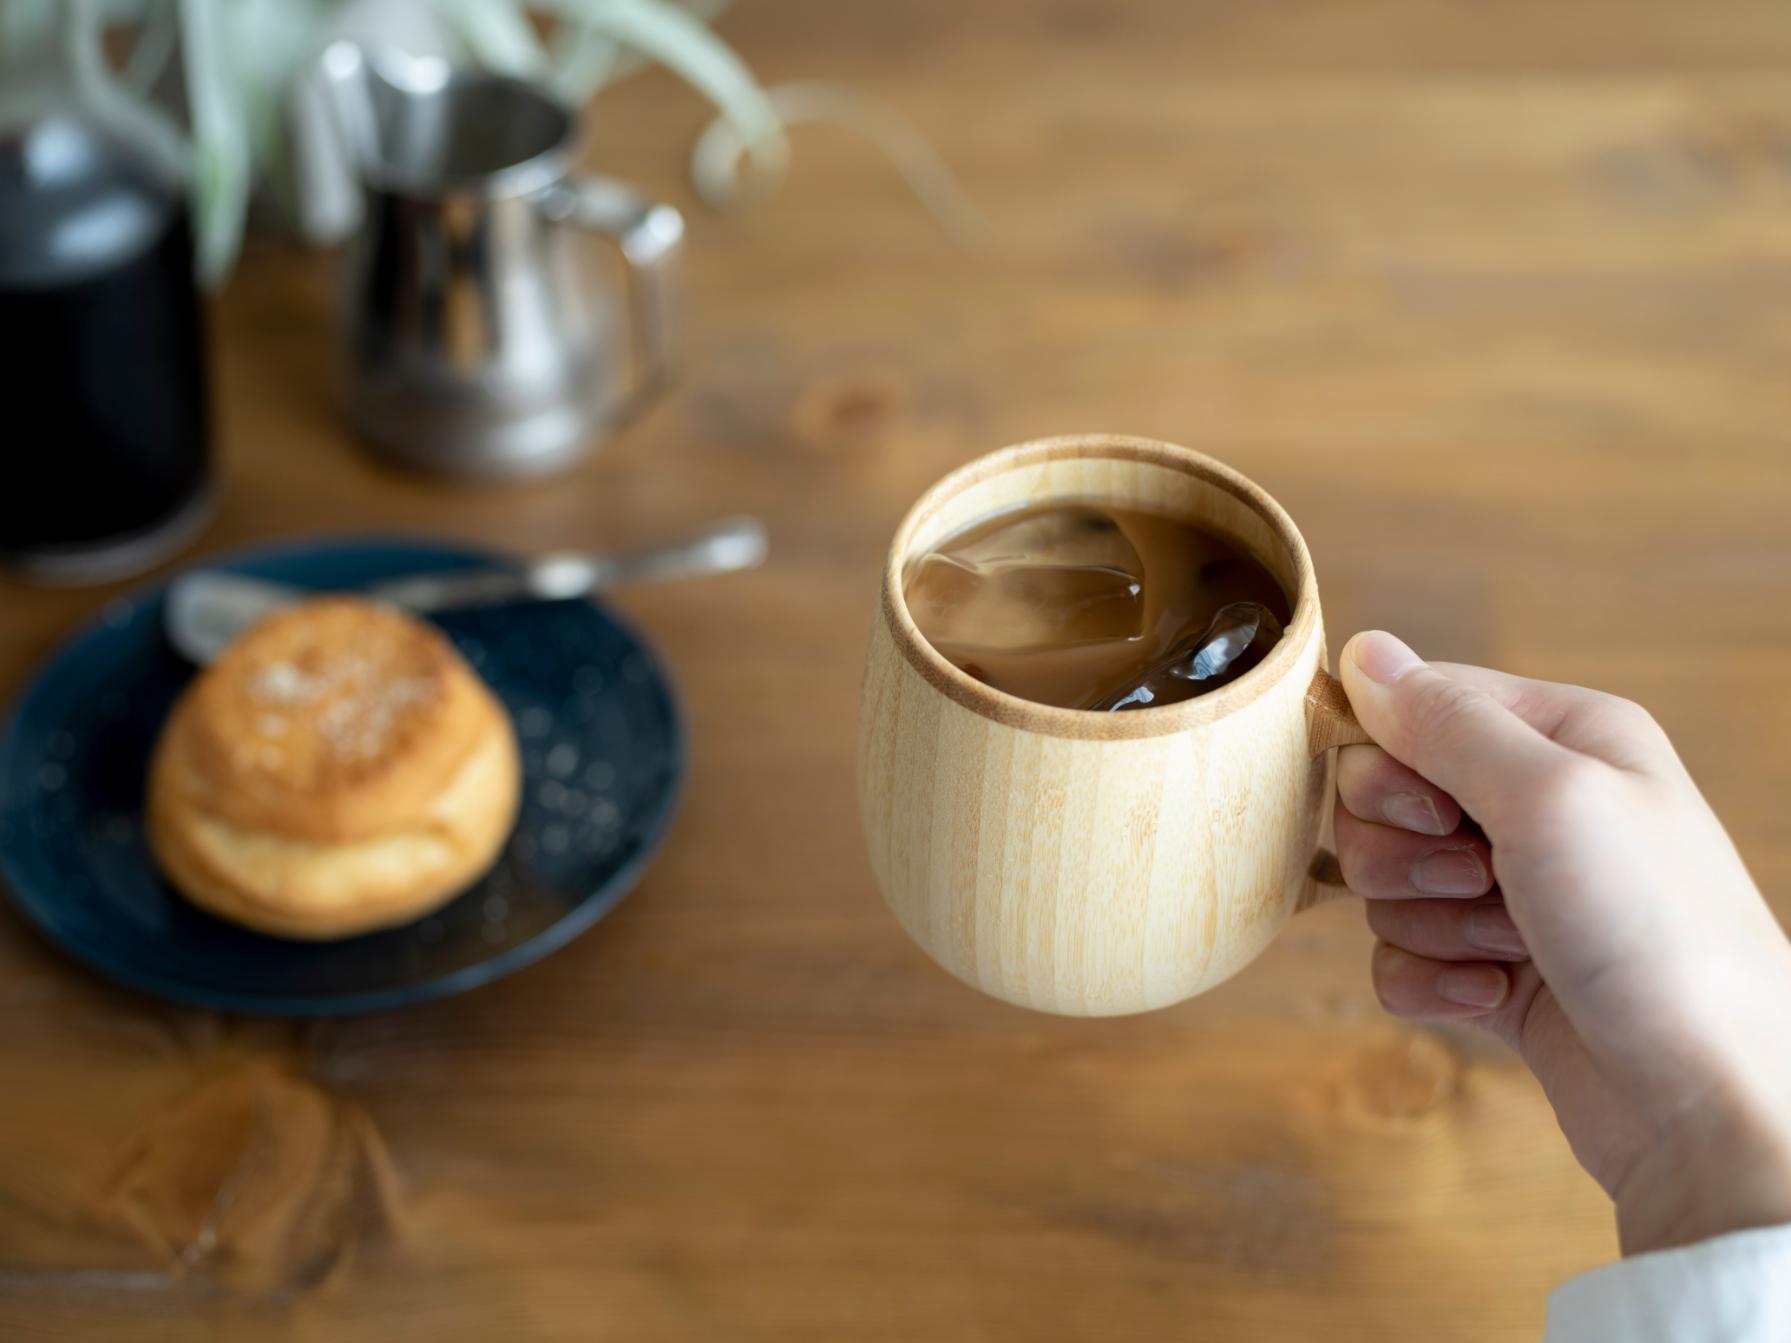 【自由テーマ】RIVERET カフェオレマグ